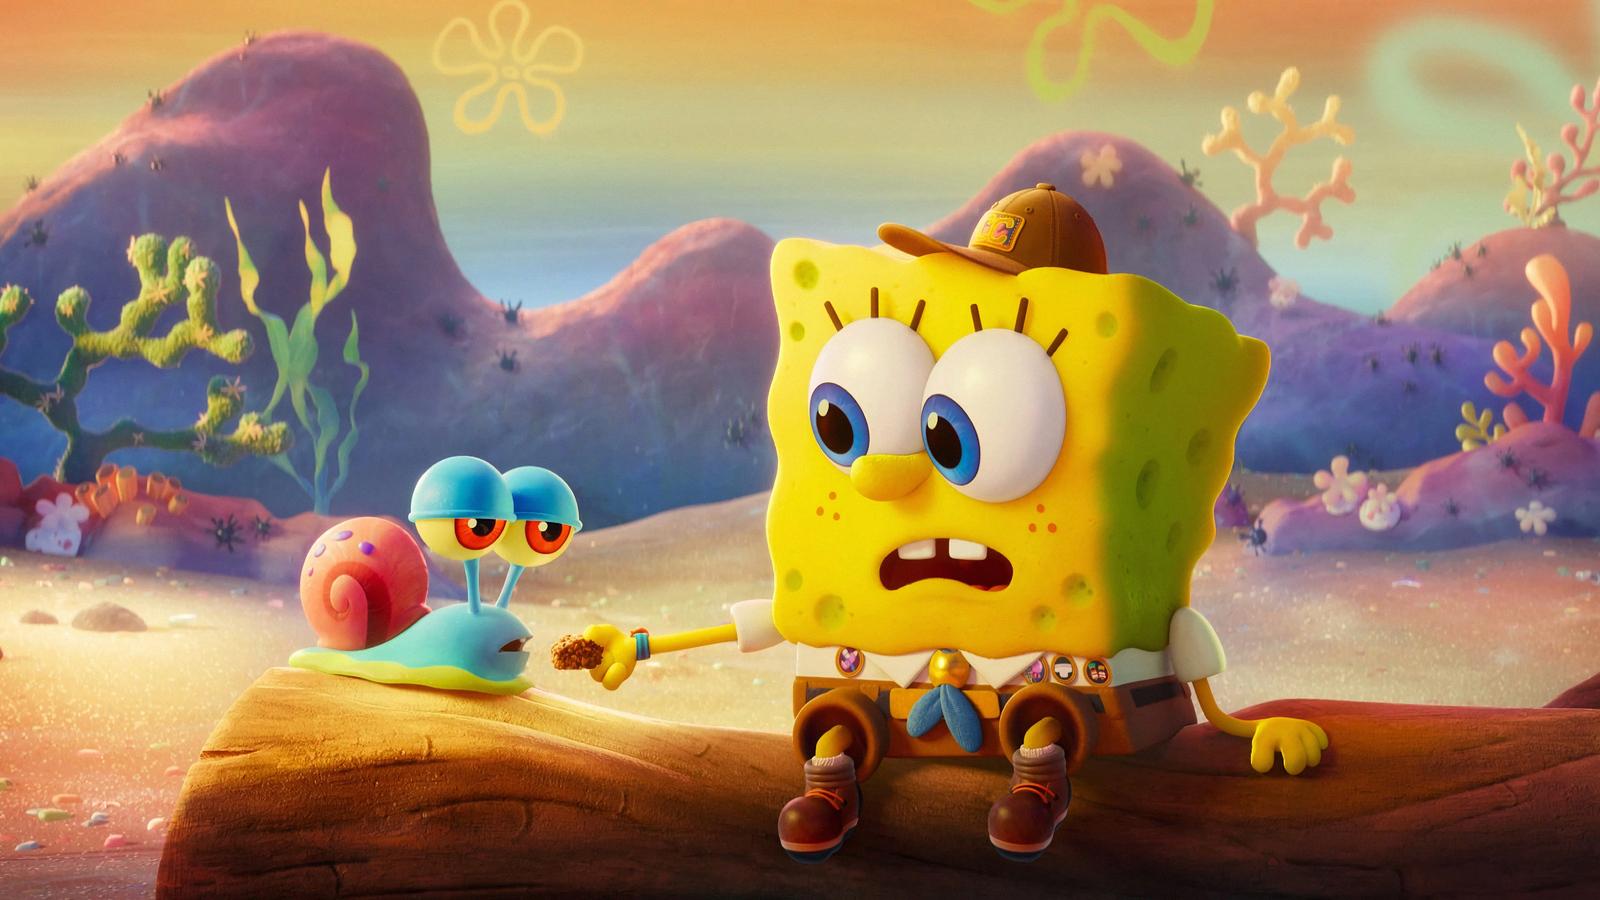 spongebob-and-gary-cute-4k-6x.jpg